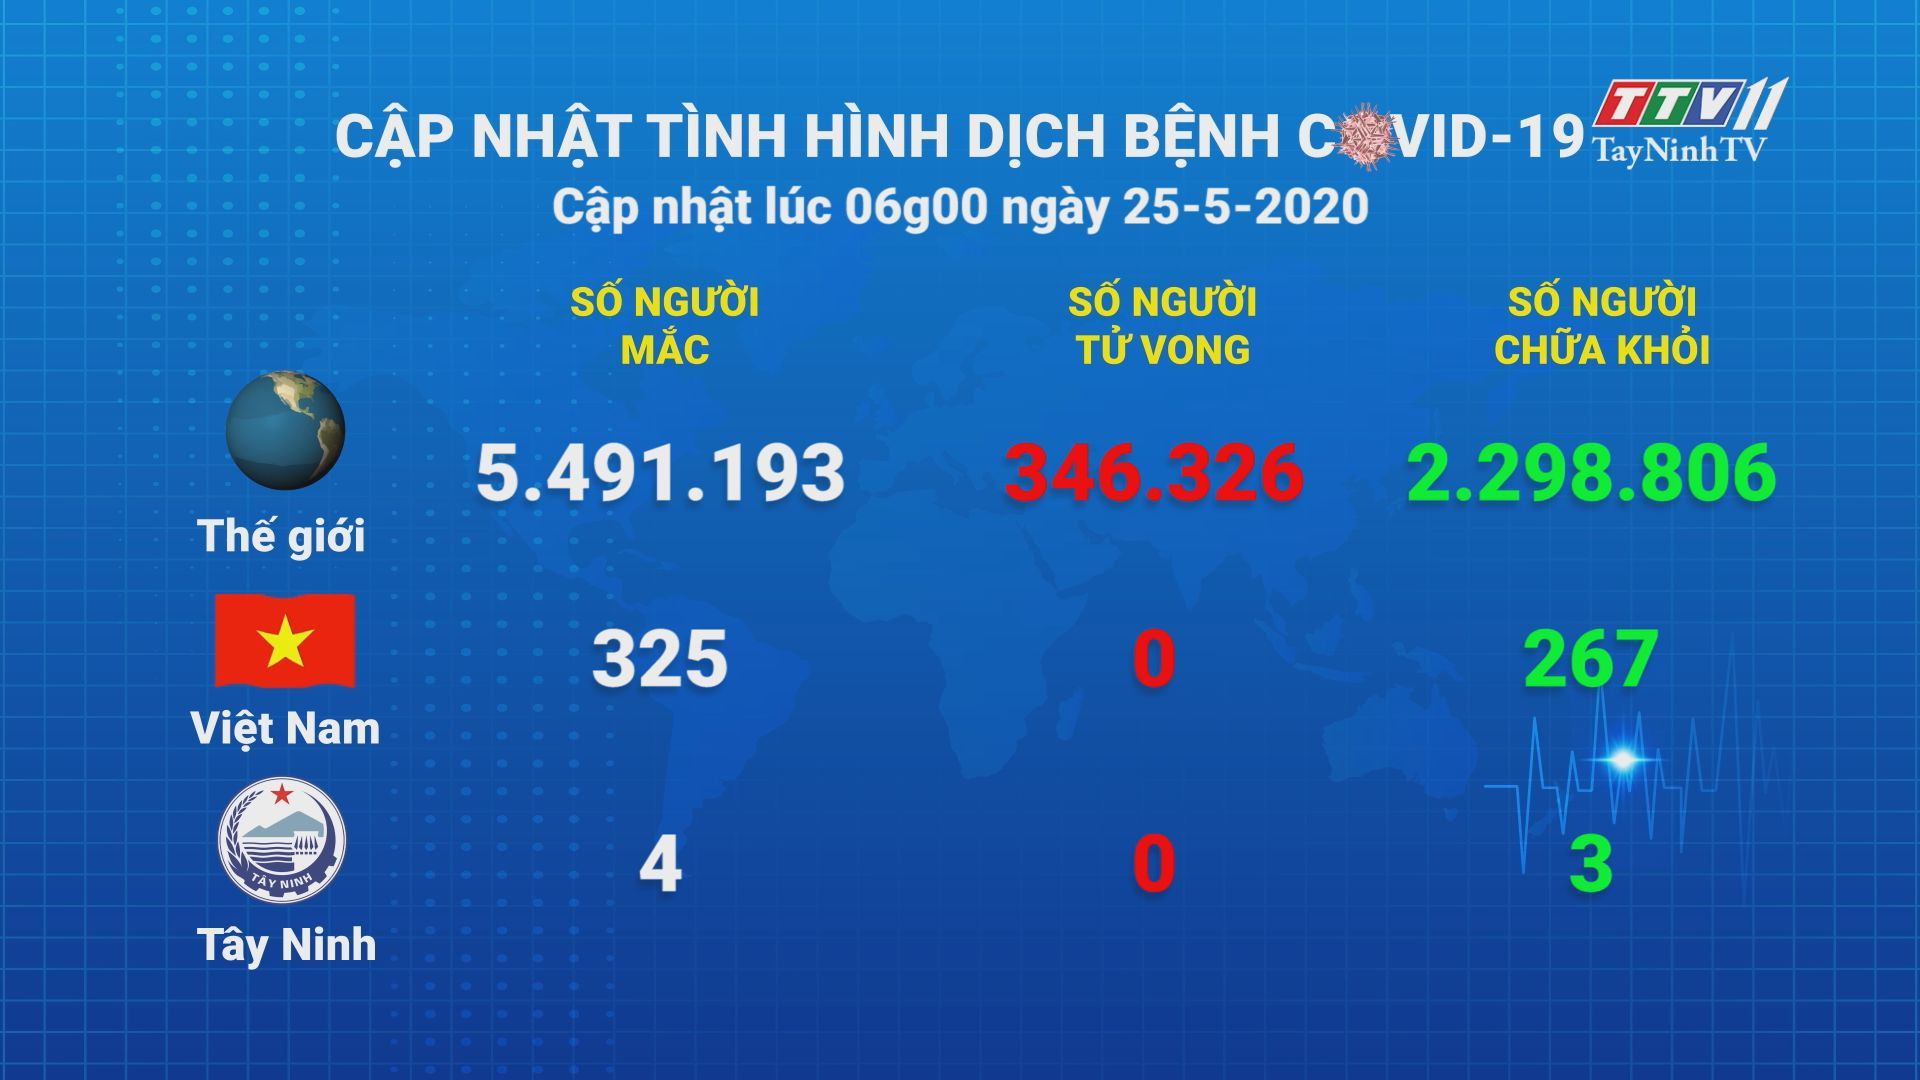 Cập nhật tình hình Covid-19 vào lúc 06 giờ 25-5-2020 | Thông tin dịch Covid-19 | TayNinhTV